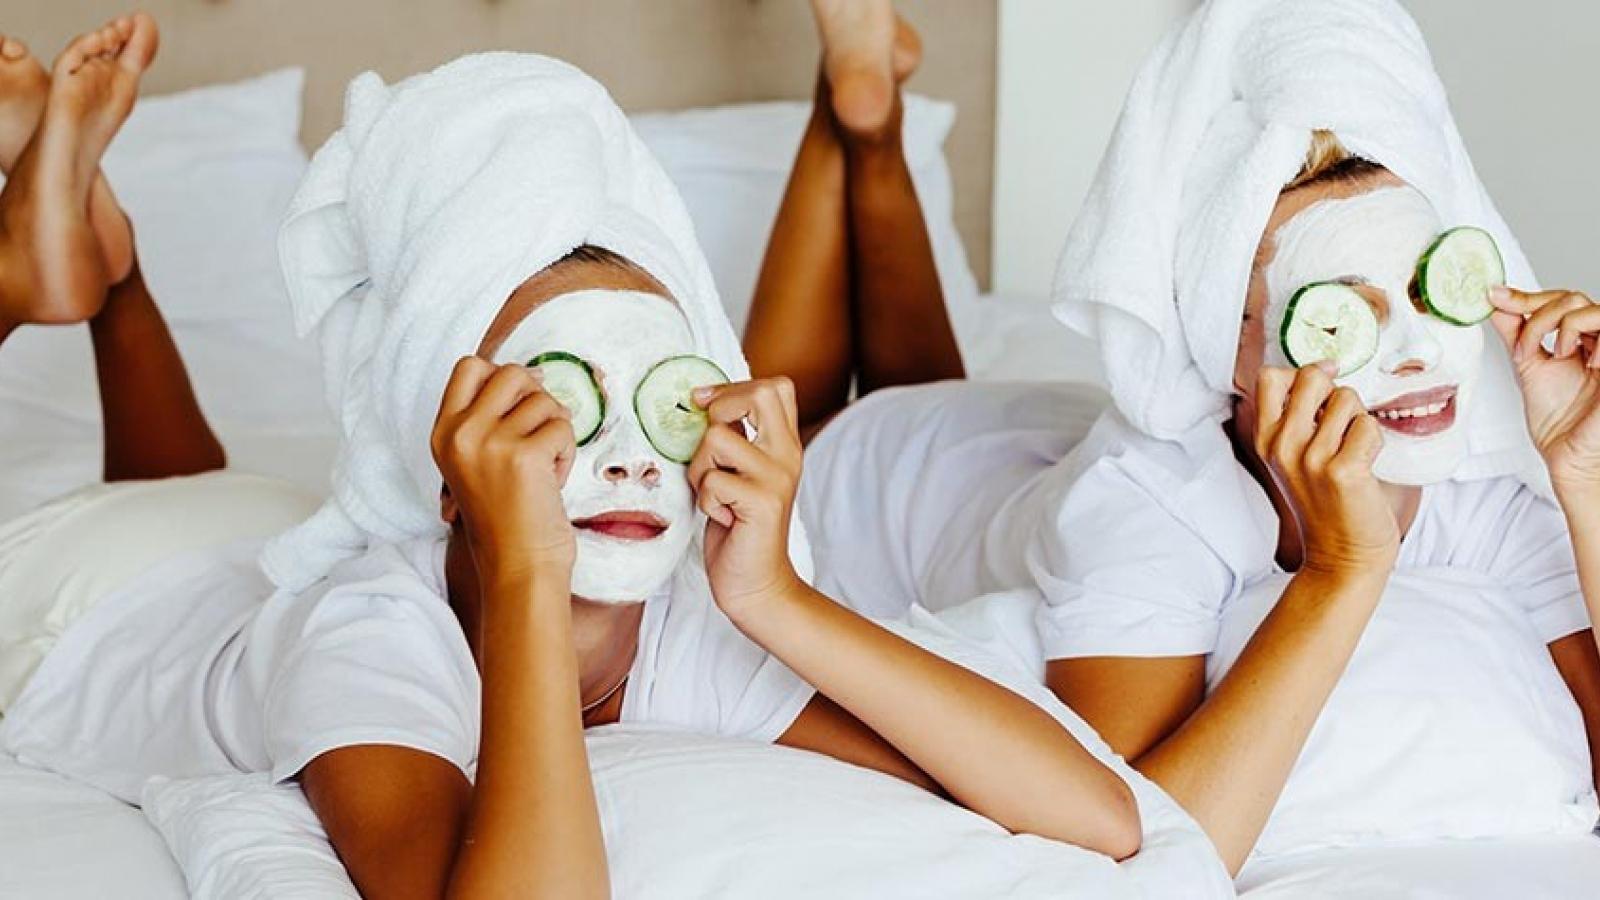 Những điều thú vị có thể làm trong phòng khách sạn khi đi nghỉ dưỡng